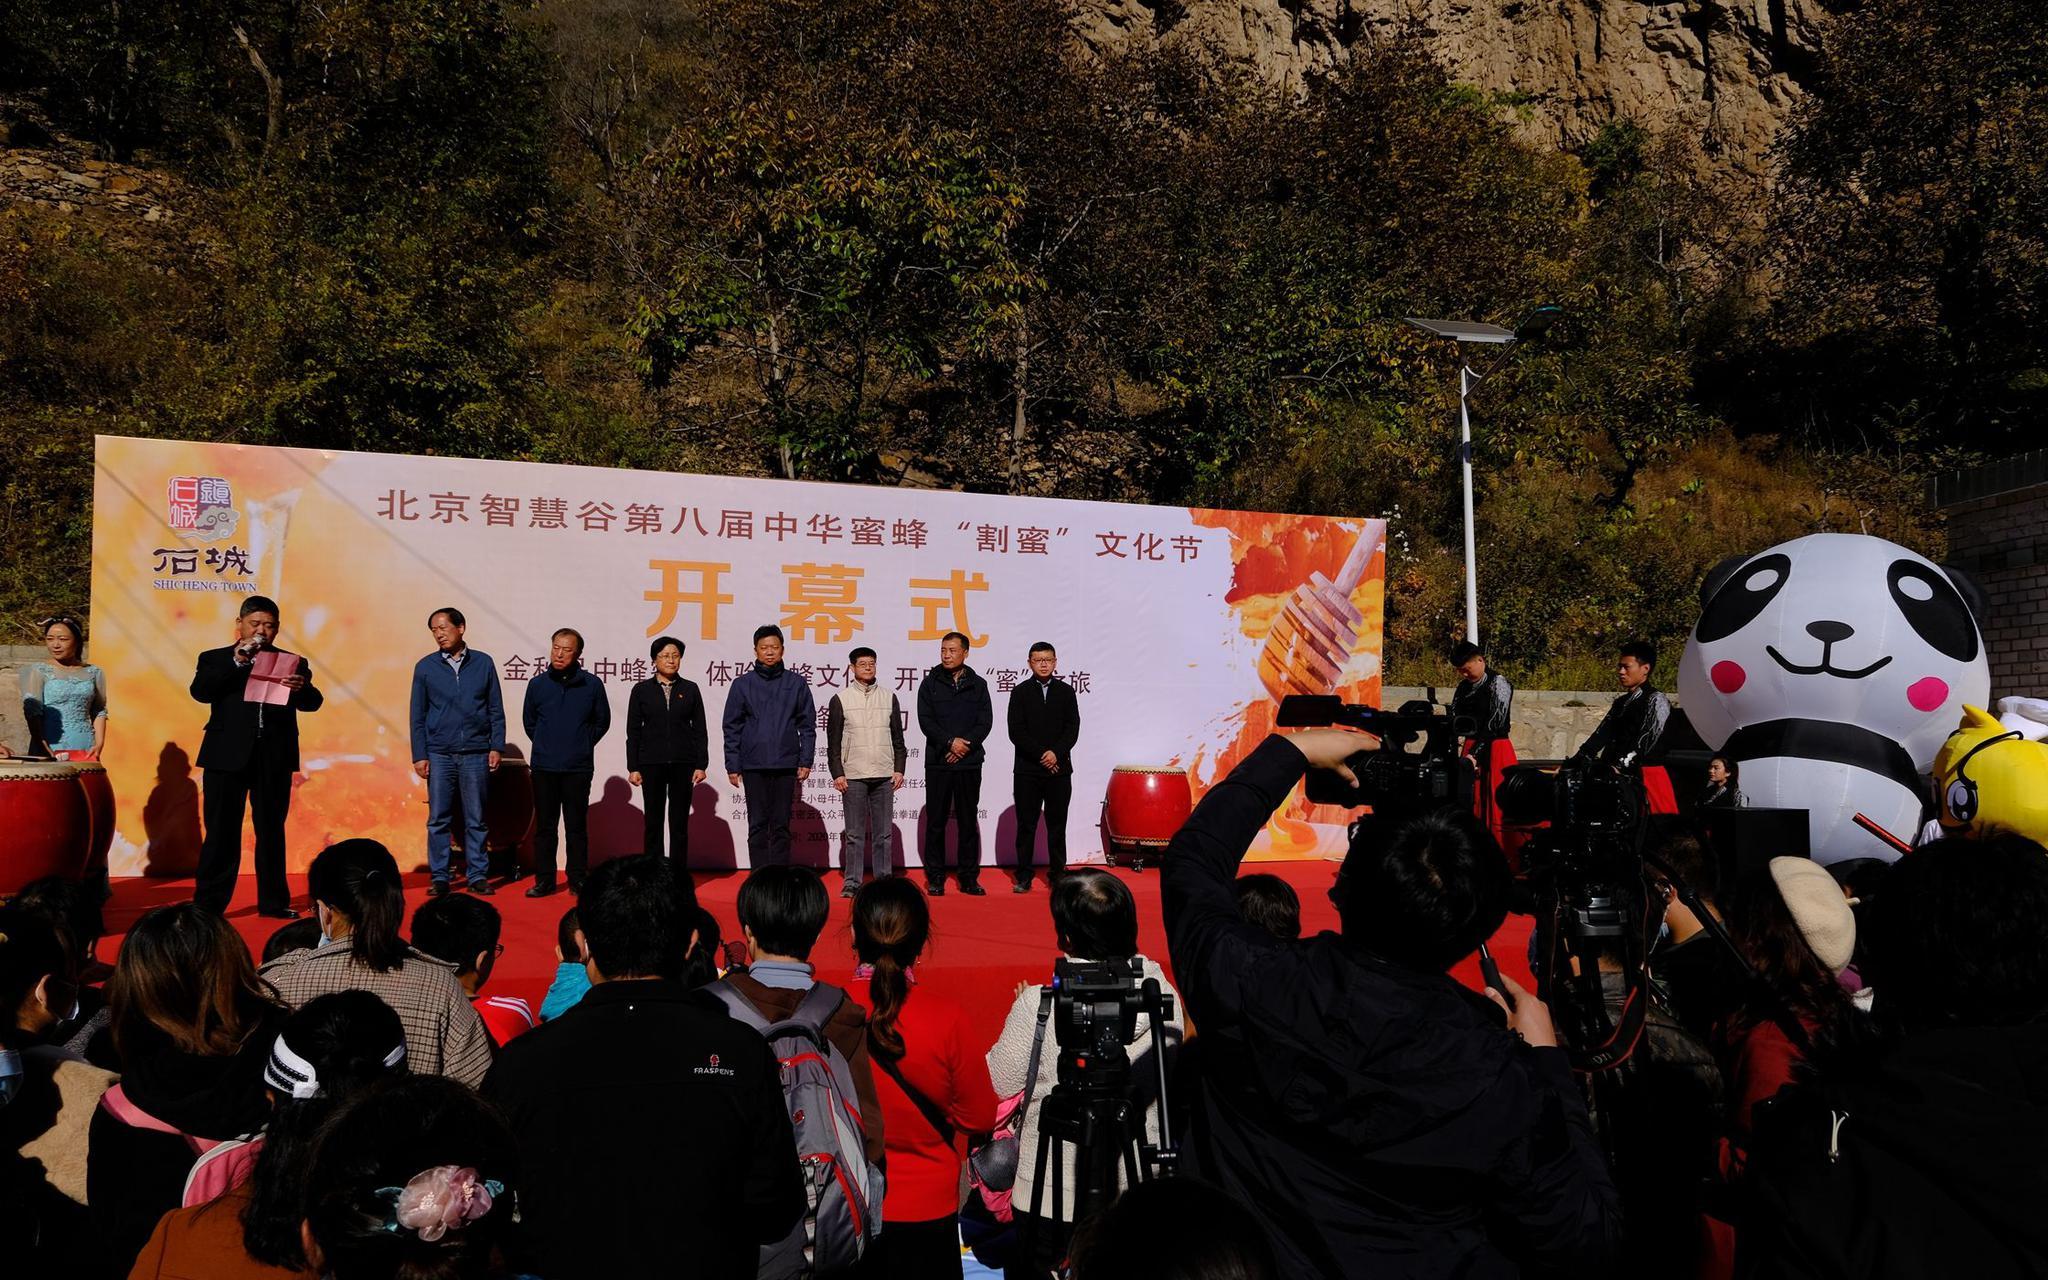 深山小村养本土蜜蜂 北京密云黄峪口村蜂农靠旅游增收图片